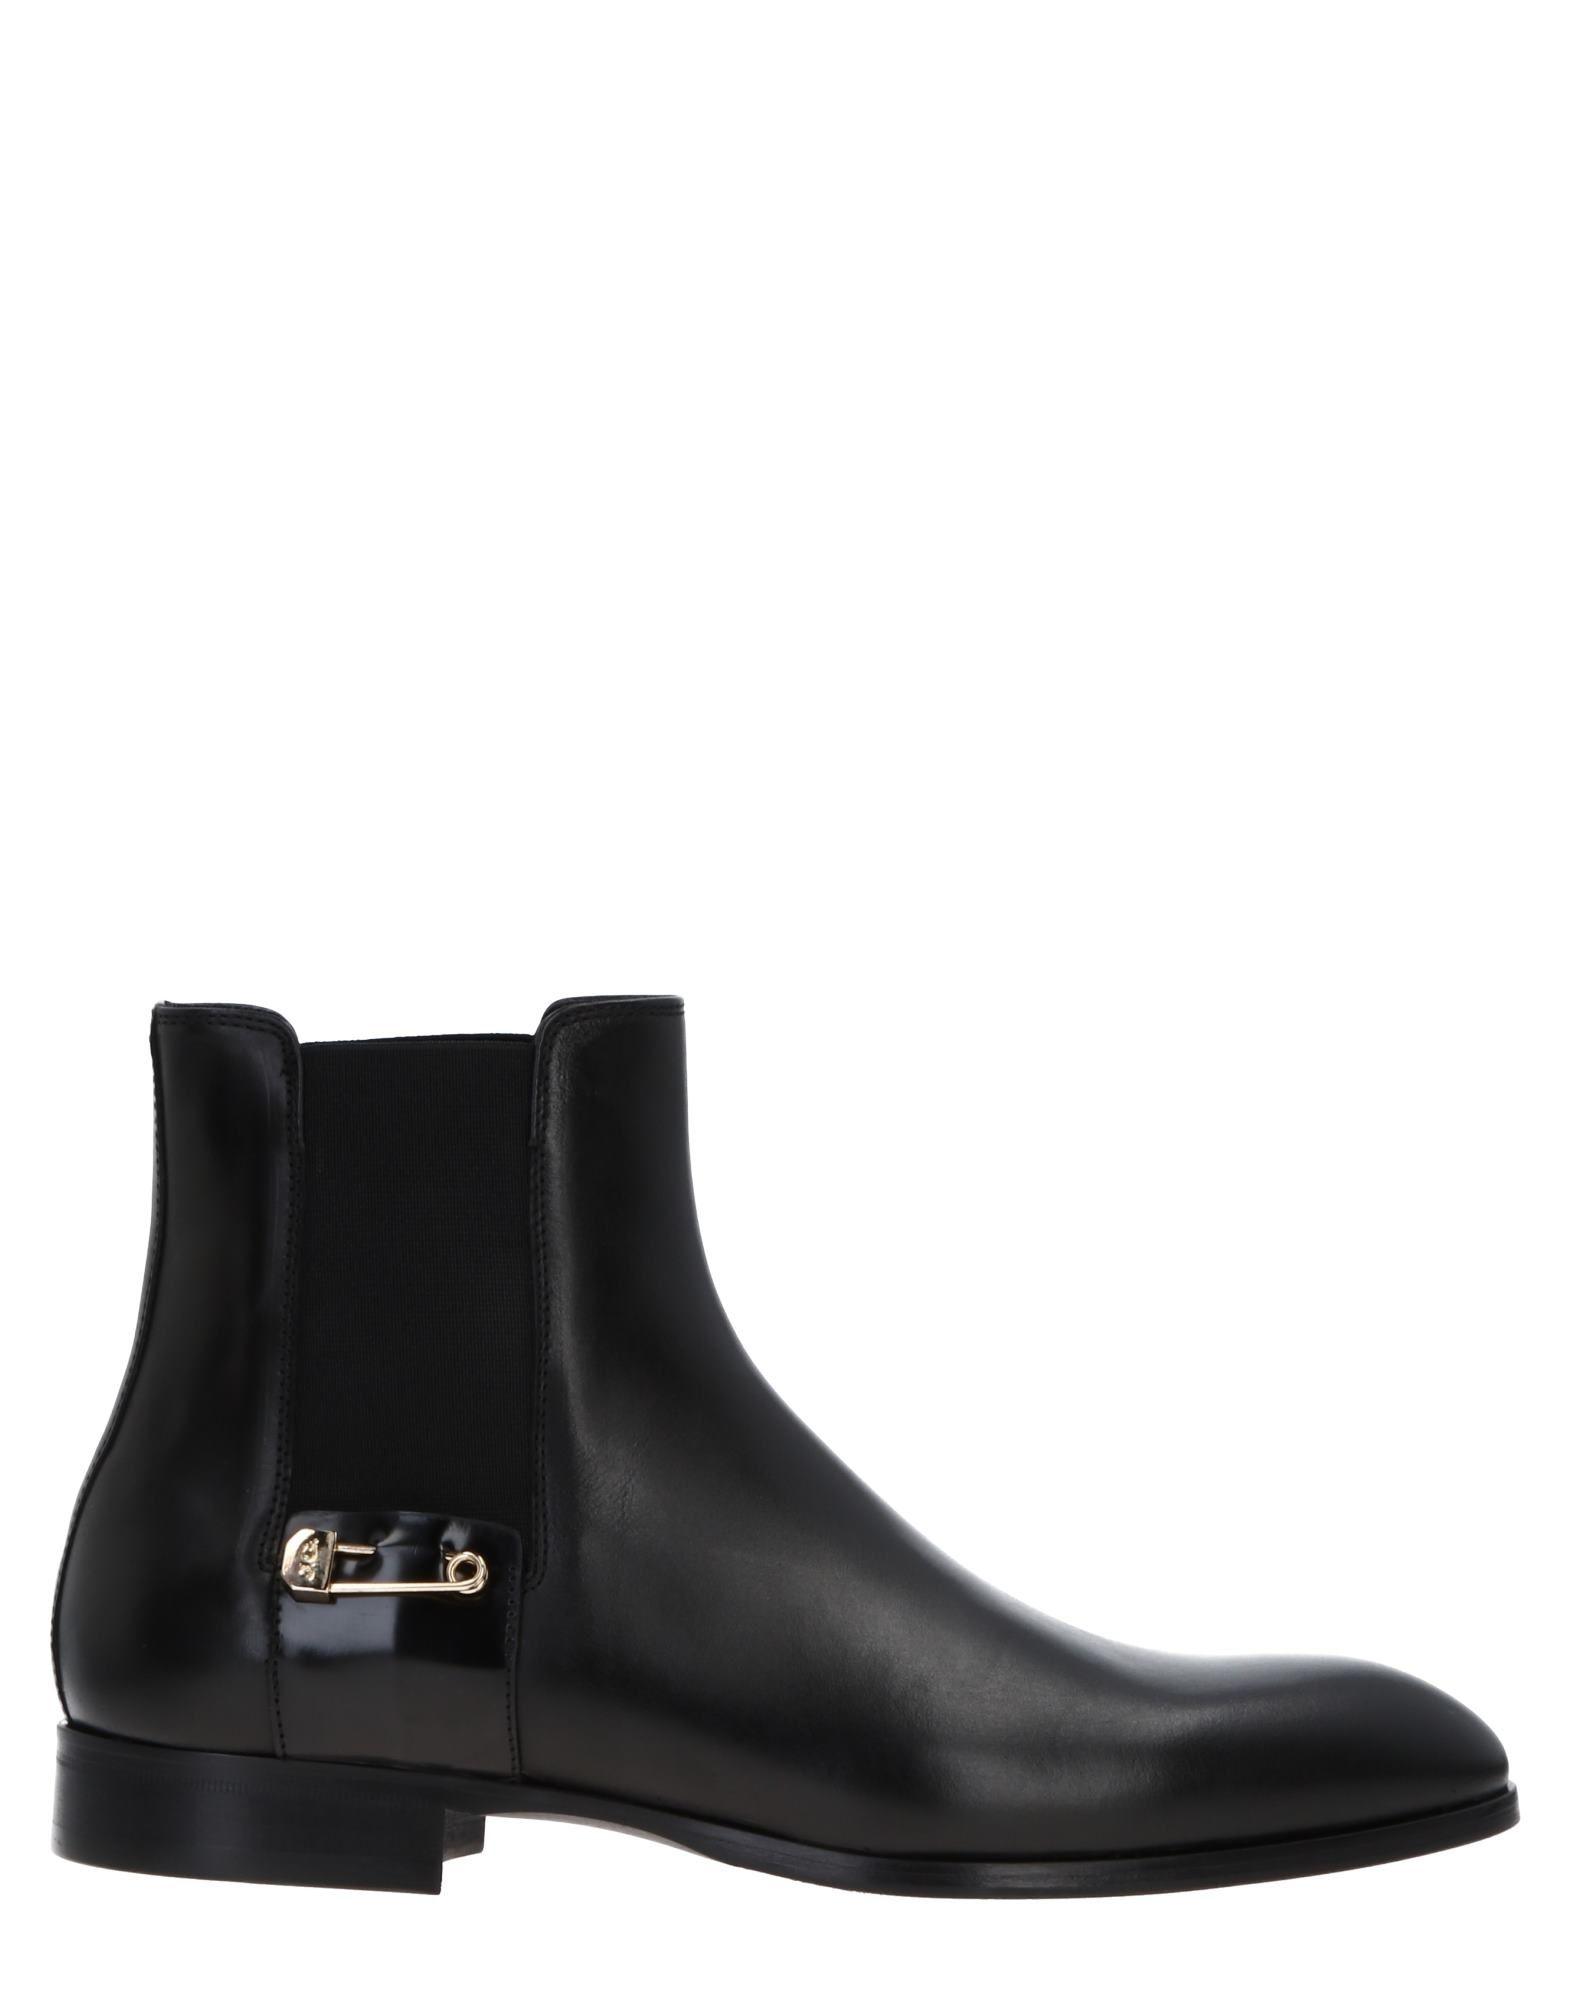 John Galliano Stiefelette Herren  11516709GA Gute Qualität beliebte Schuhe